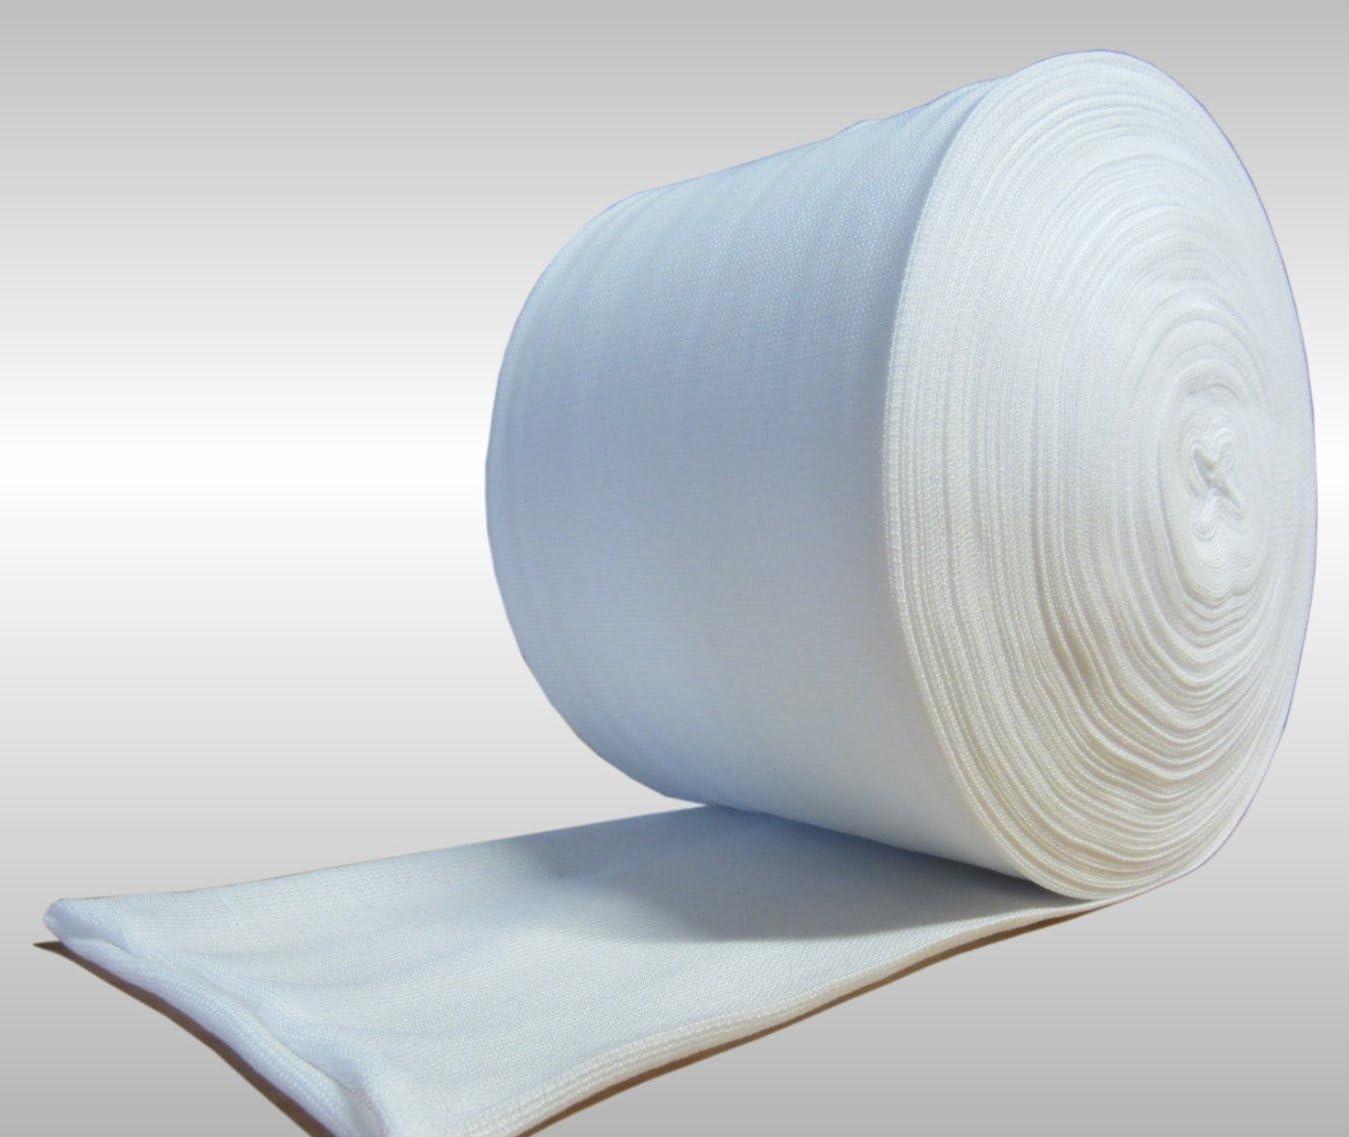 Tuyau de drainage Netze Filtre pour flexible F100/Protection Tuyau pour drainage